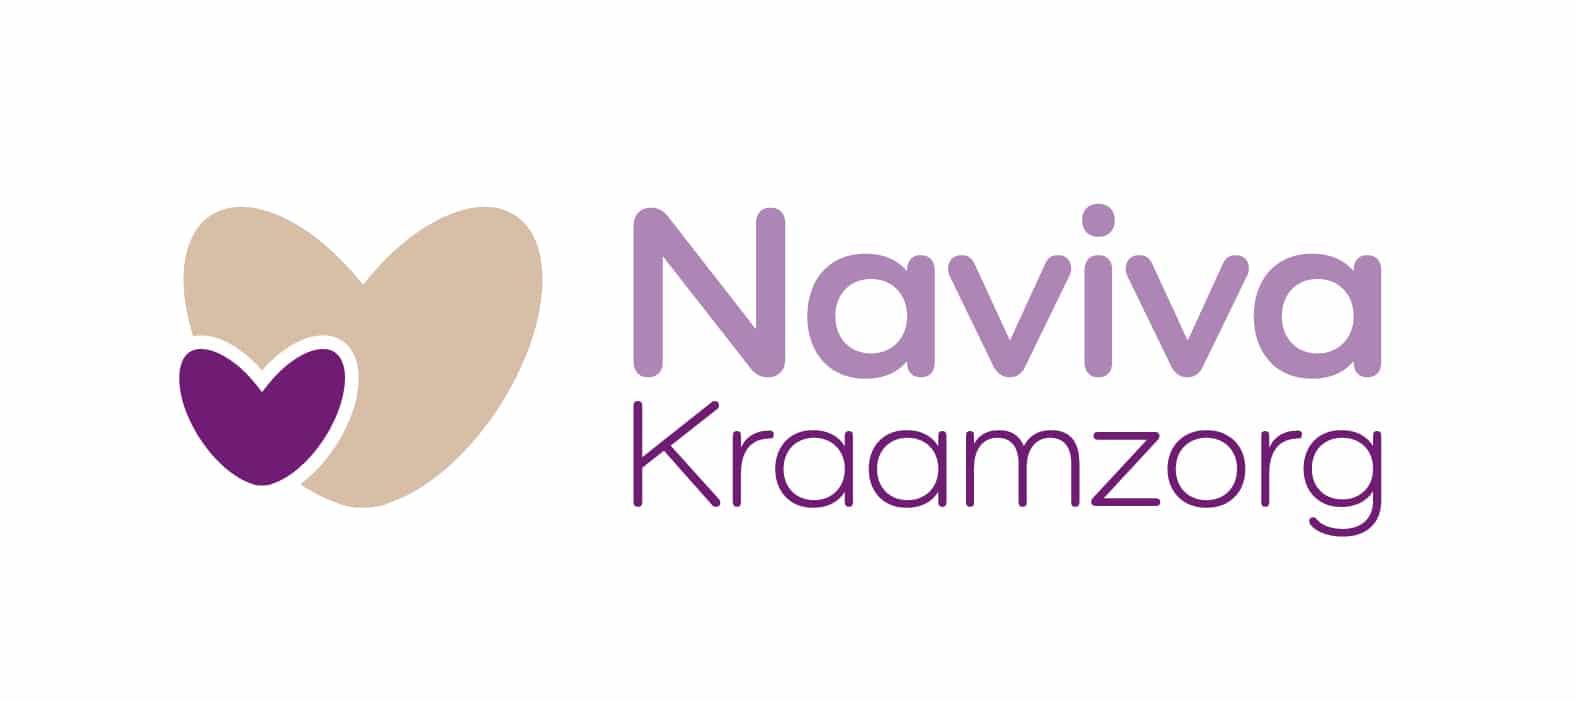 Naviva Kraamzorg